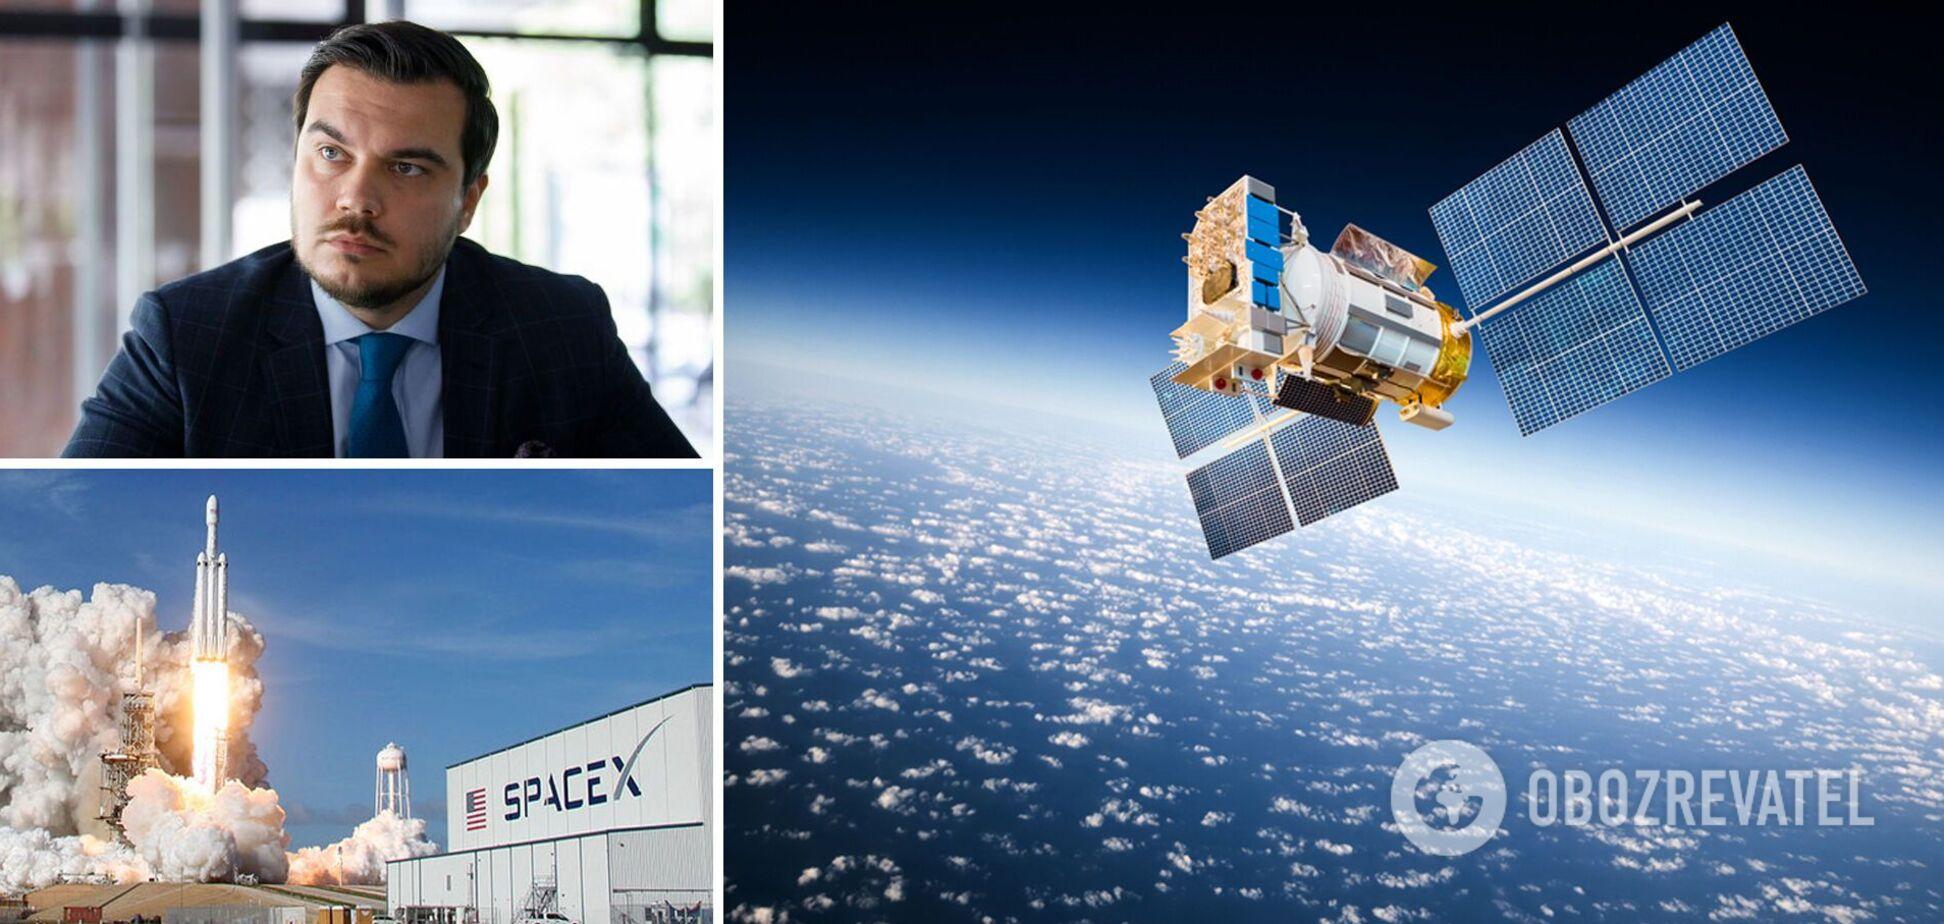 Украина может запустить спутник в космос